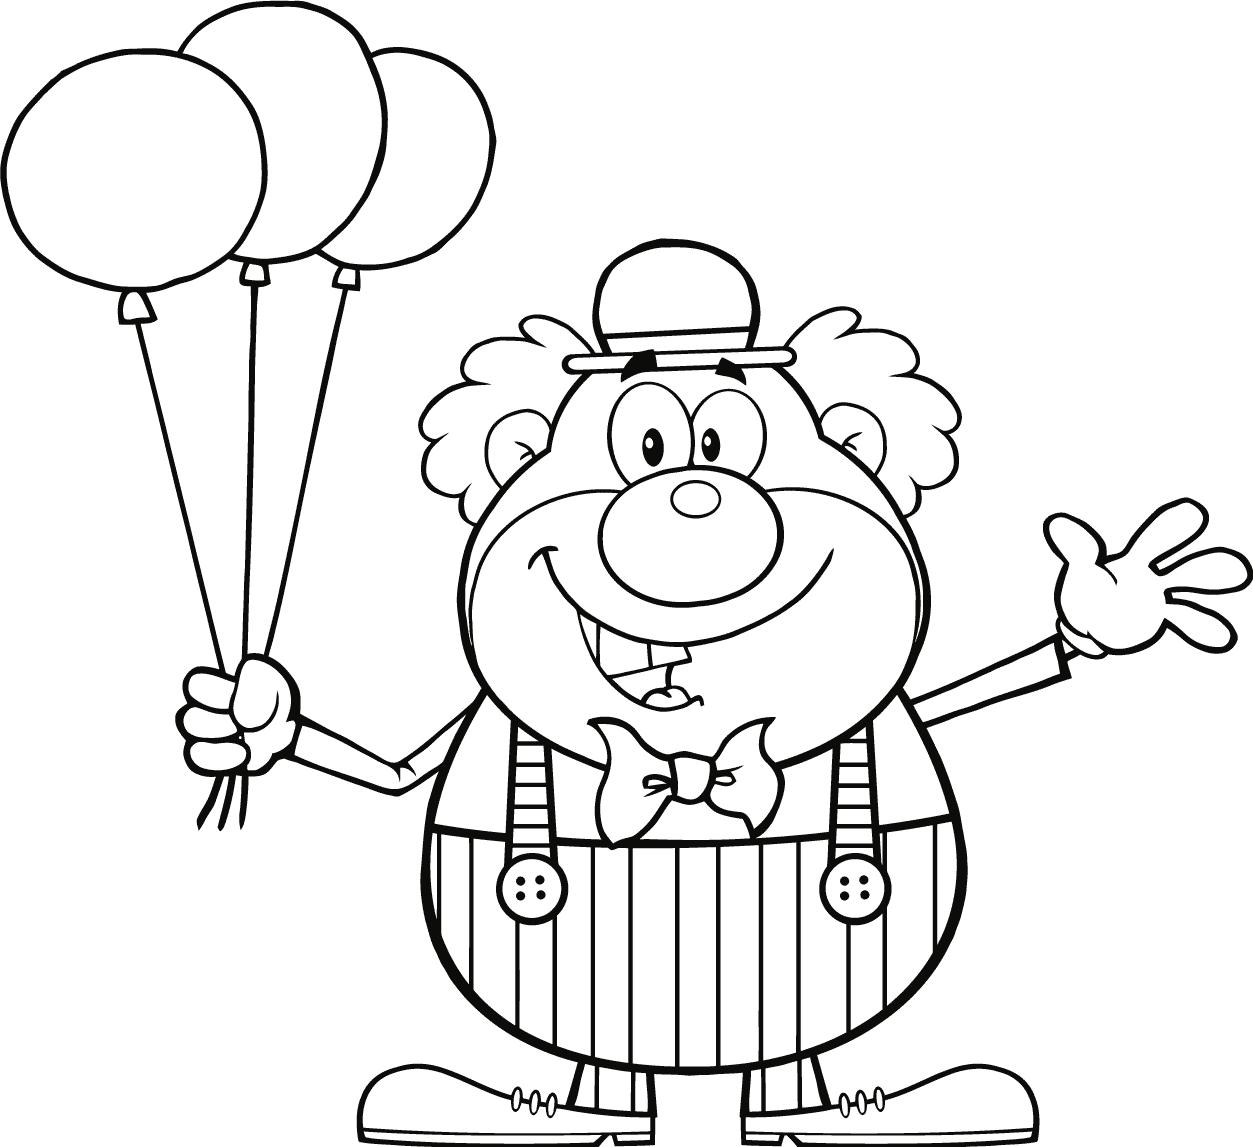 imagenes de payasos con globos para colorear circo payaso globos 012 dibujos y juegos para pintar y de globos imagenes colorear con para payasos